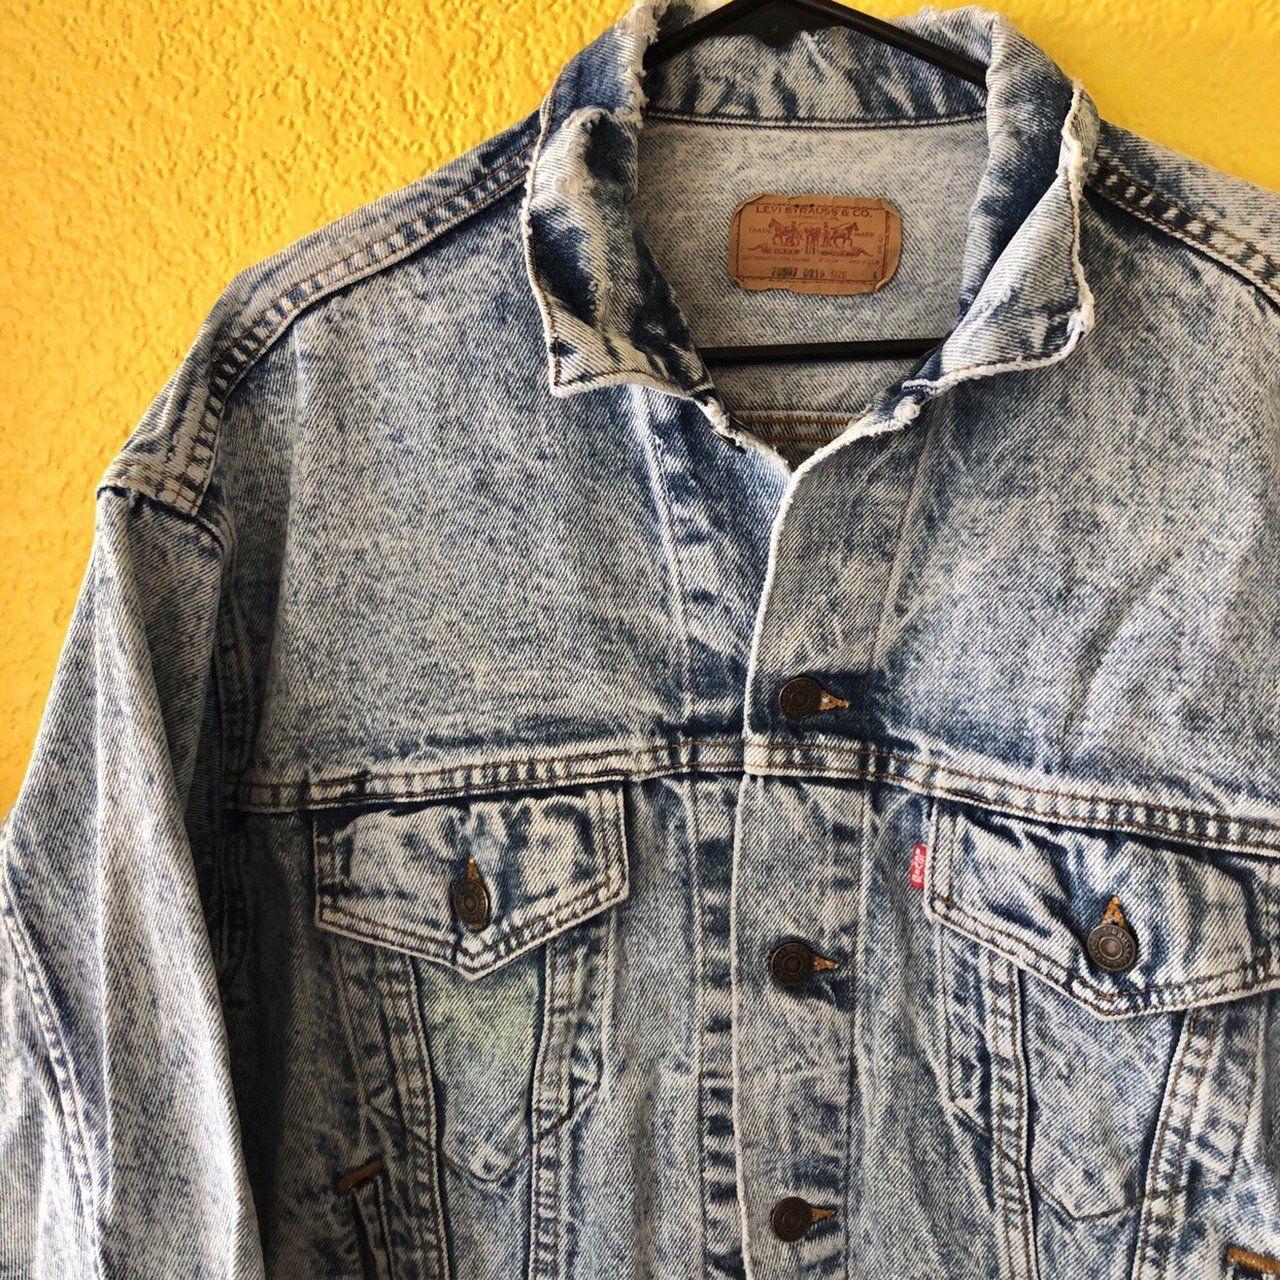 e4ee448a7 Super dope vintage Levi s Denim jacket in a light blue acid - Depop